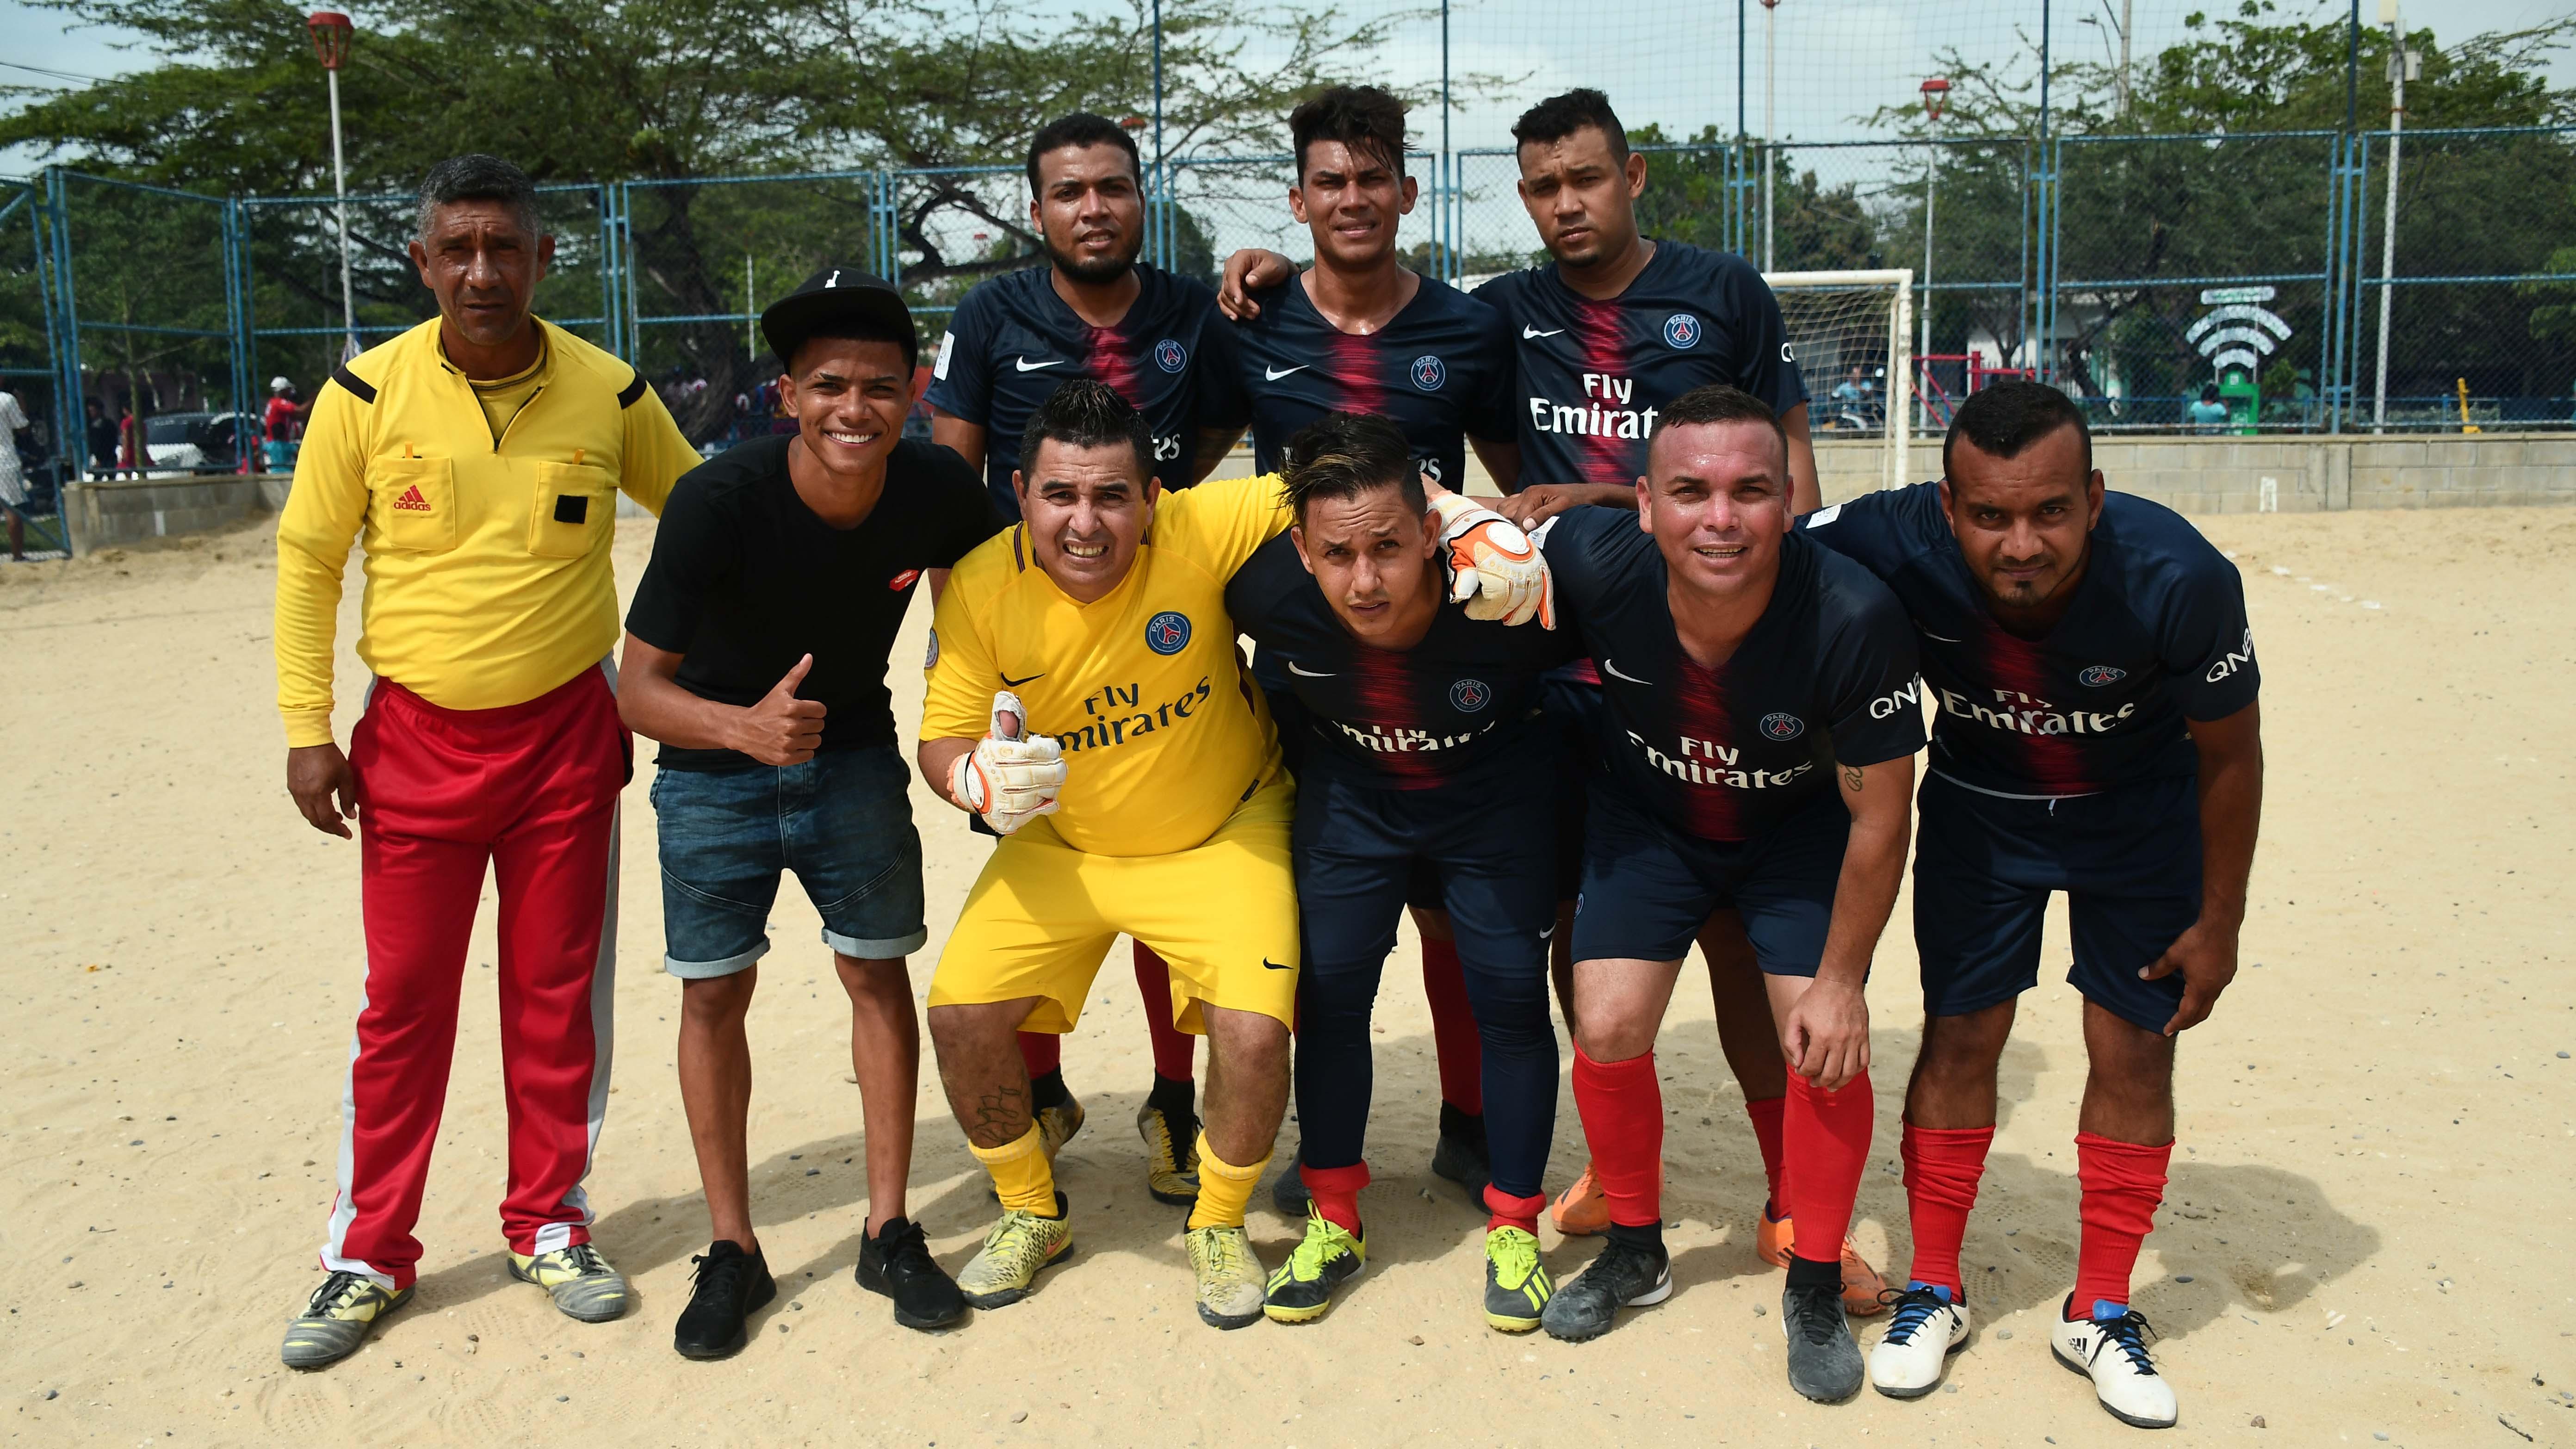 Amigos, equipo que participa en el Torneo de La Manga.